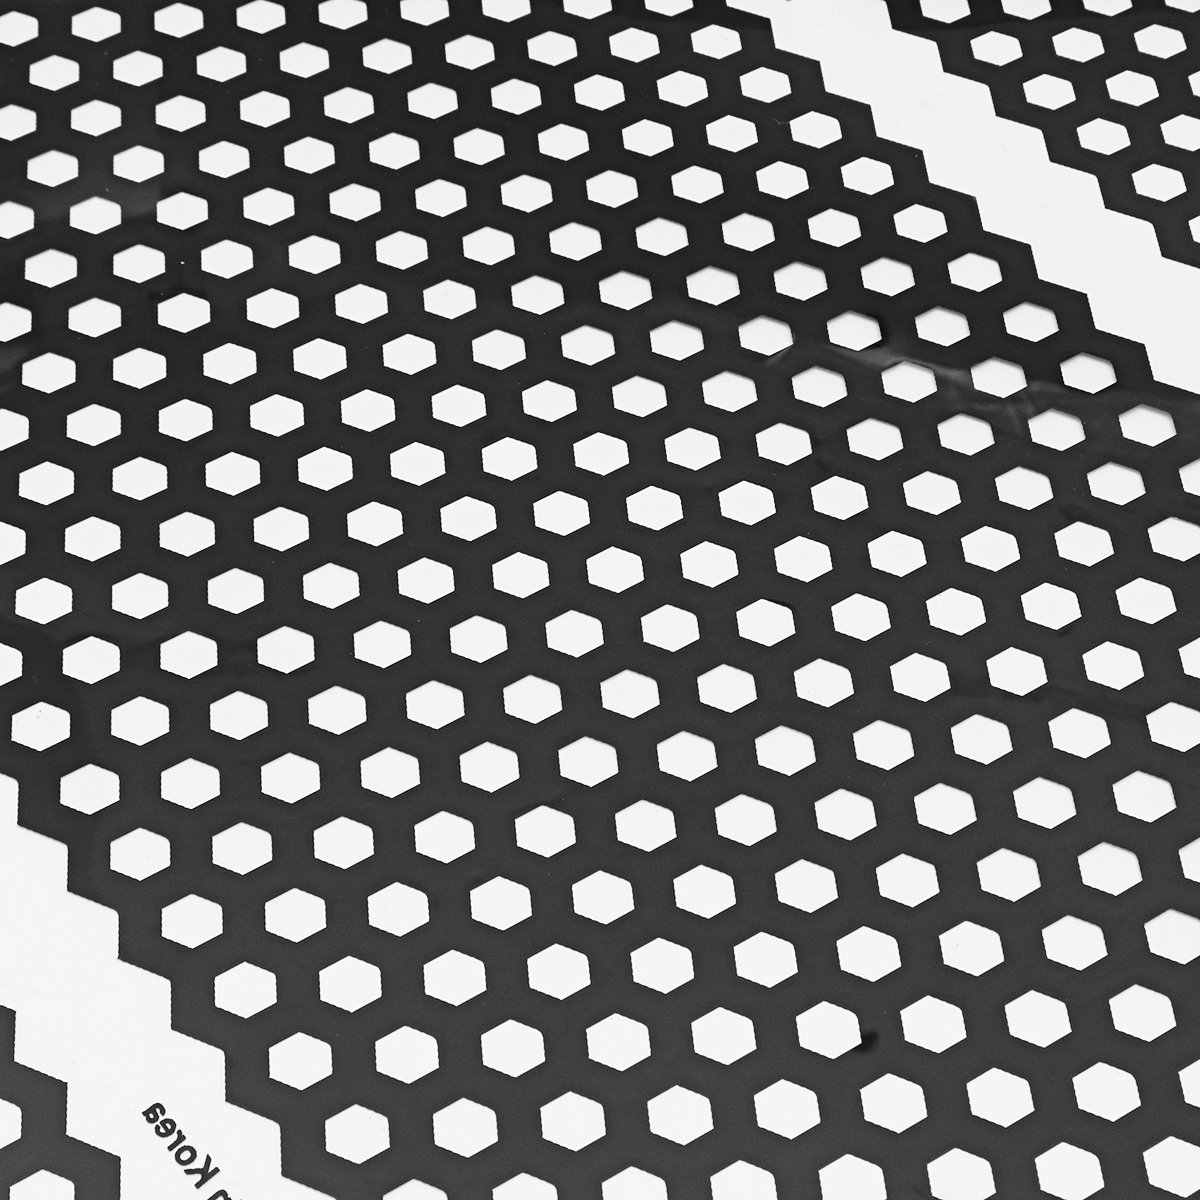 Nowa wysyłka za darmo 50CM * 2M 220V dalekiej podczerwieni elektryczne ogrzewanie podłogowe filmy podczerwieni podłogowe folia grzewcza o strukturze plastra miodu siatkowe